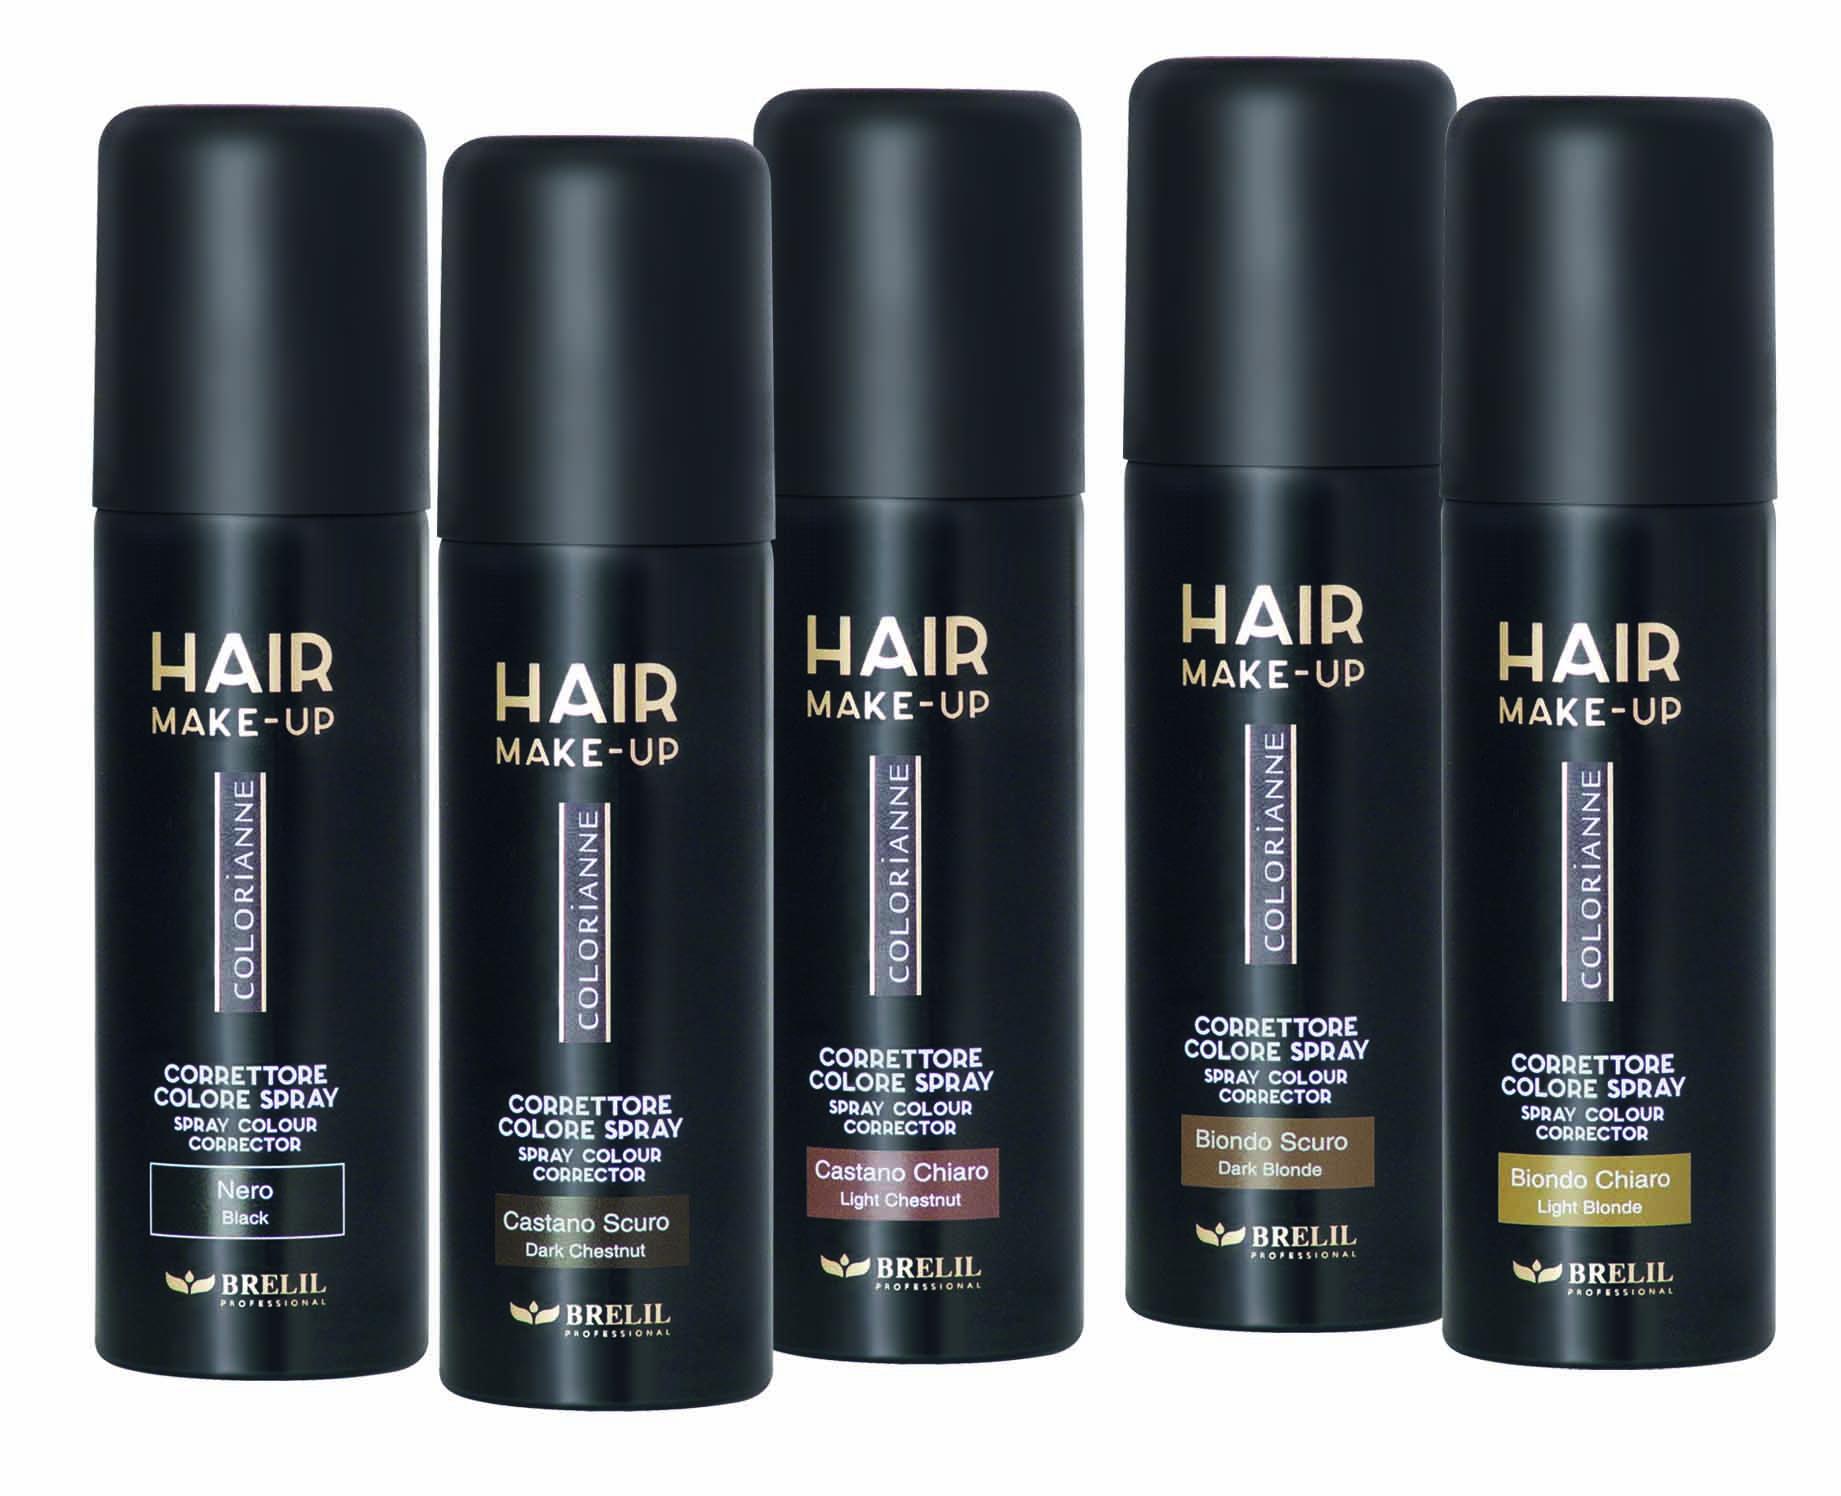 Hair Make Up Range.jpg